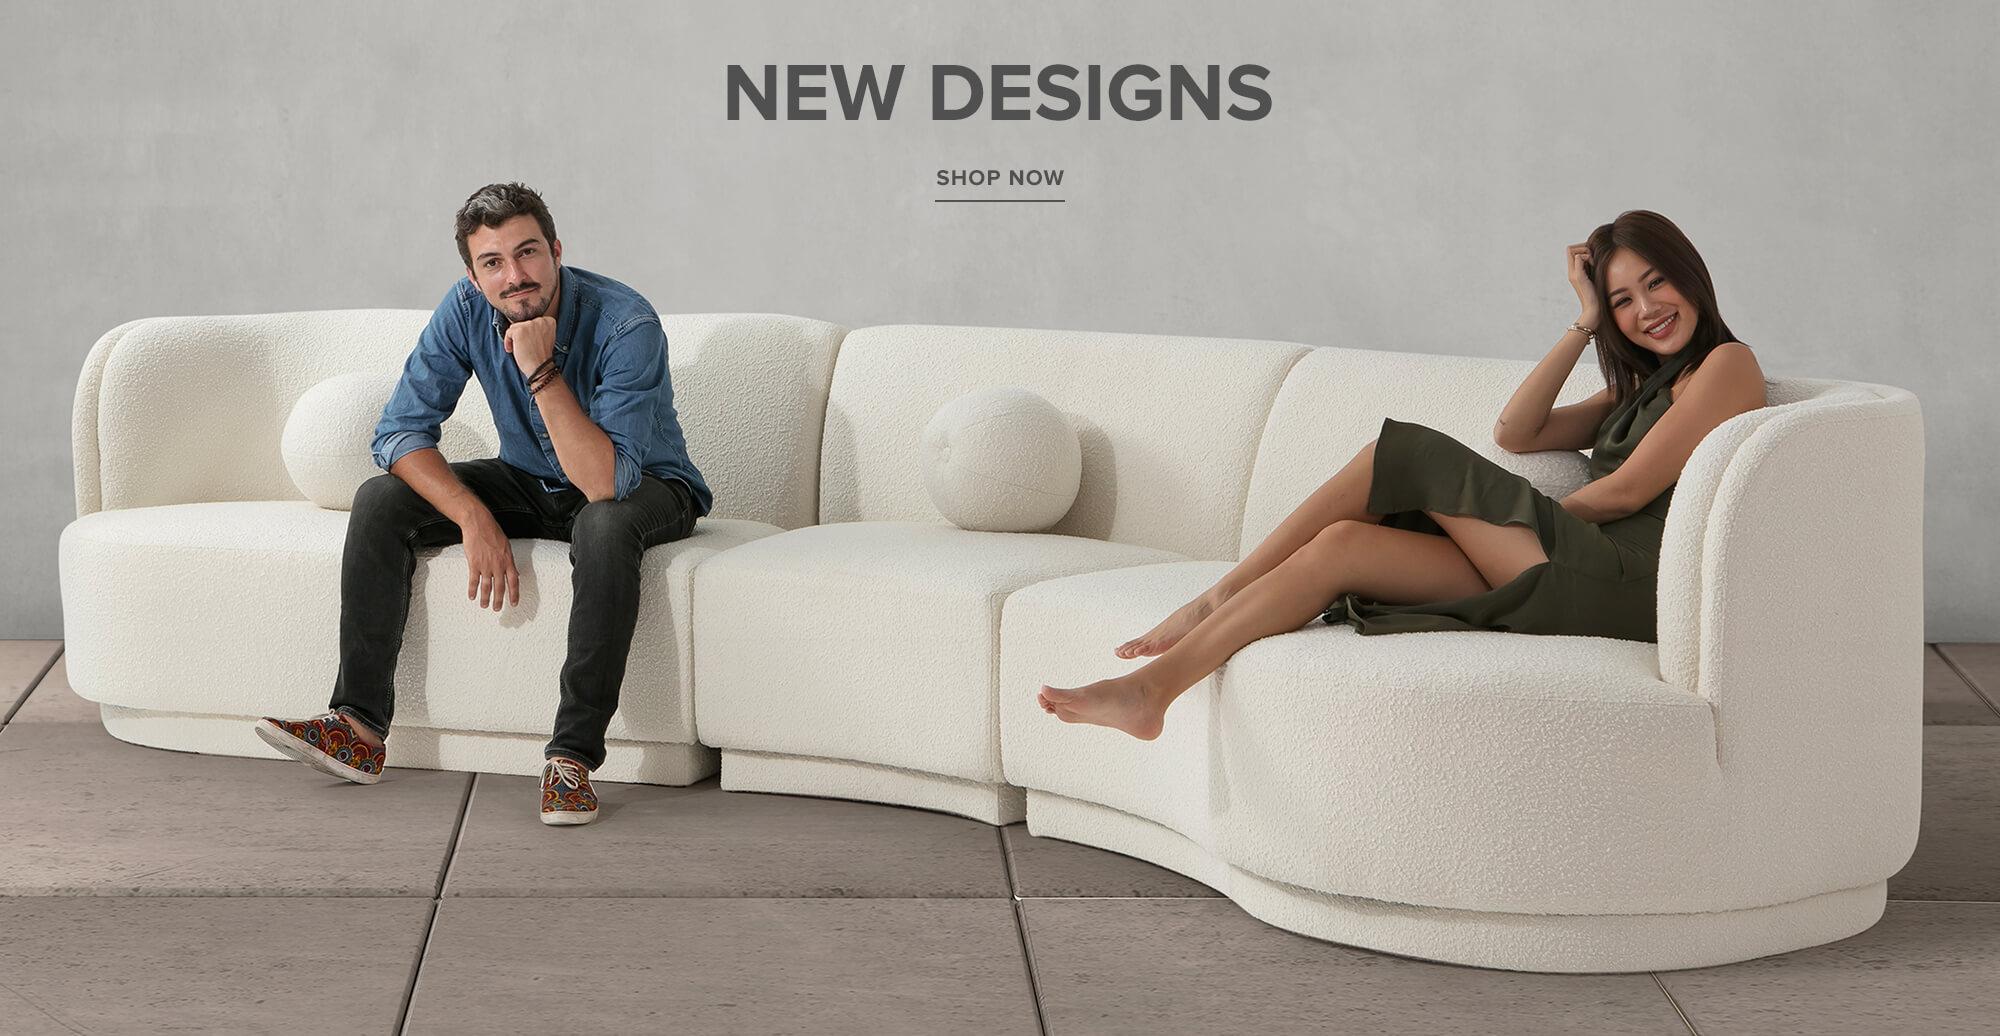 Shop Our Newest Designs!